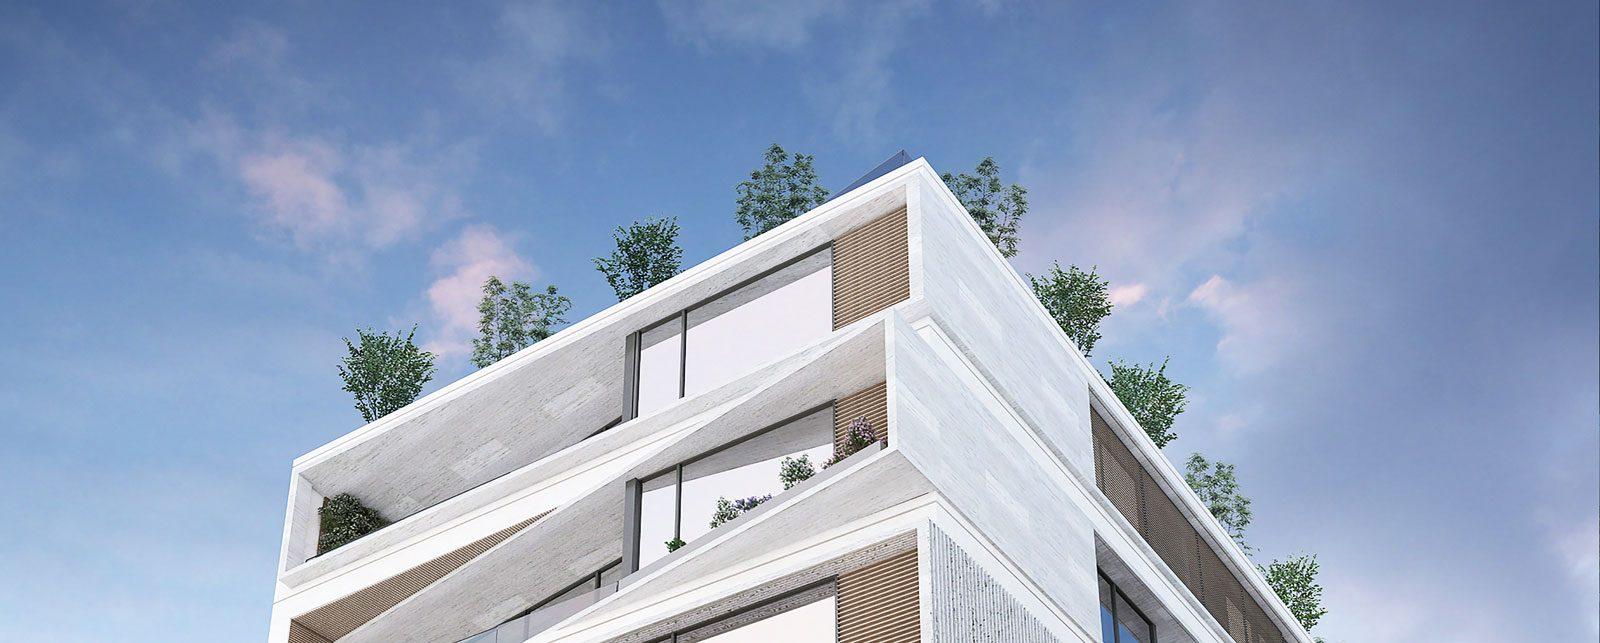 Sepinoud Residential Building